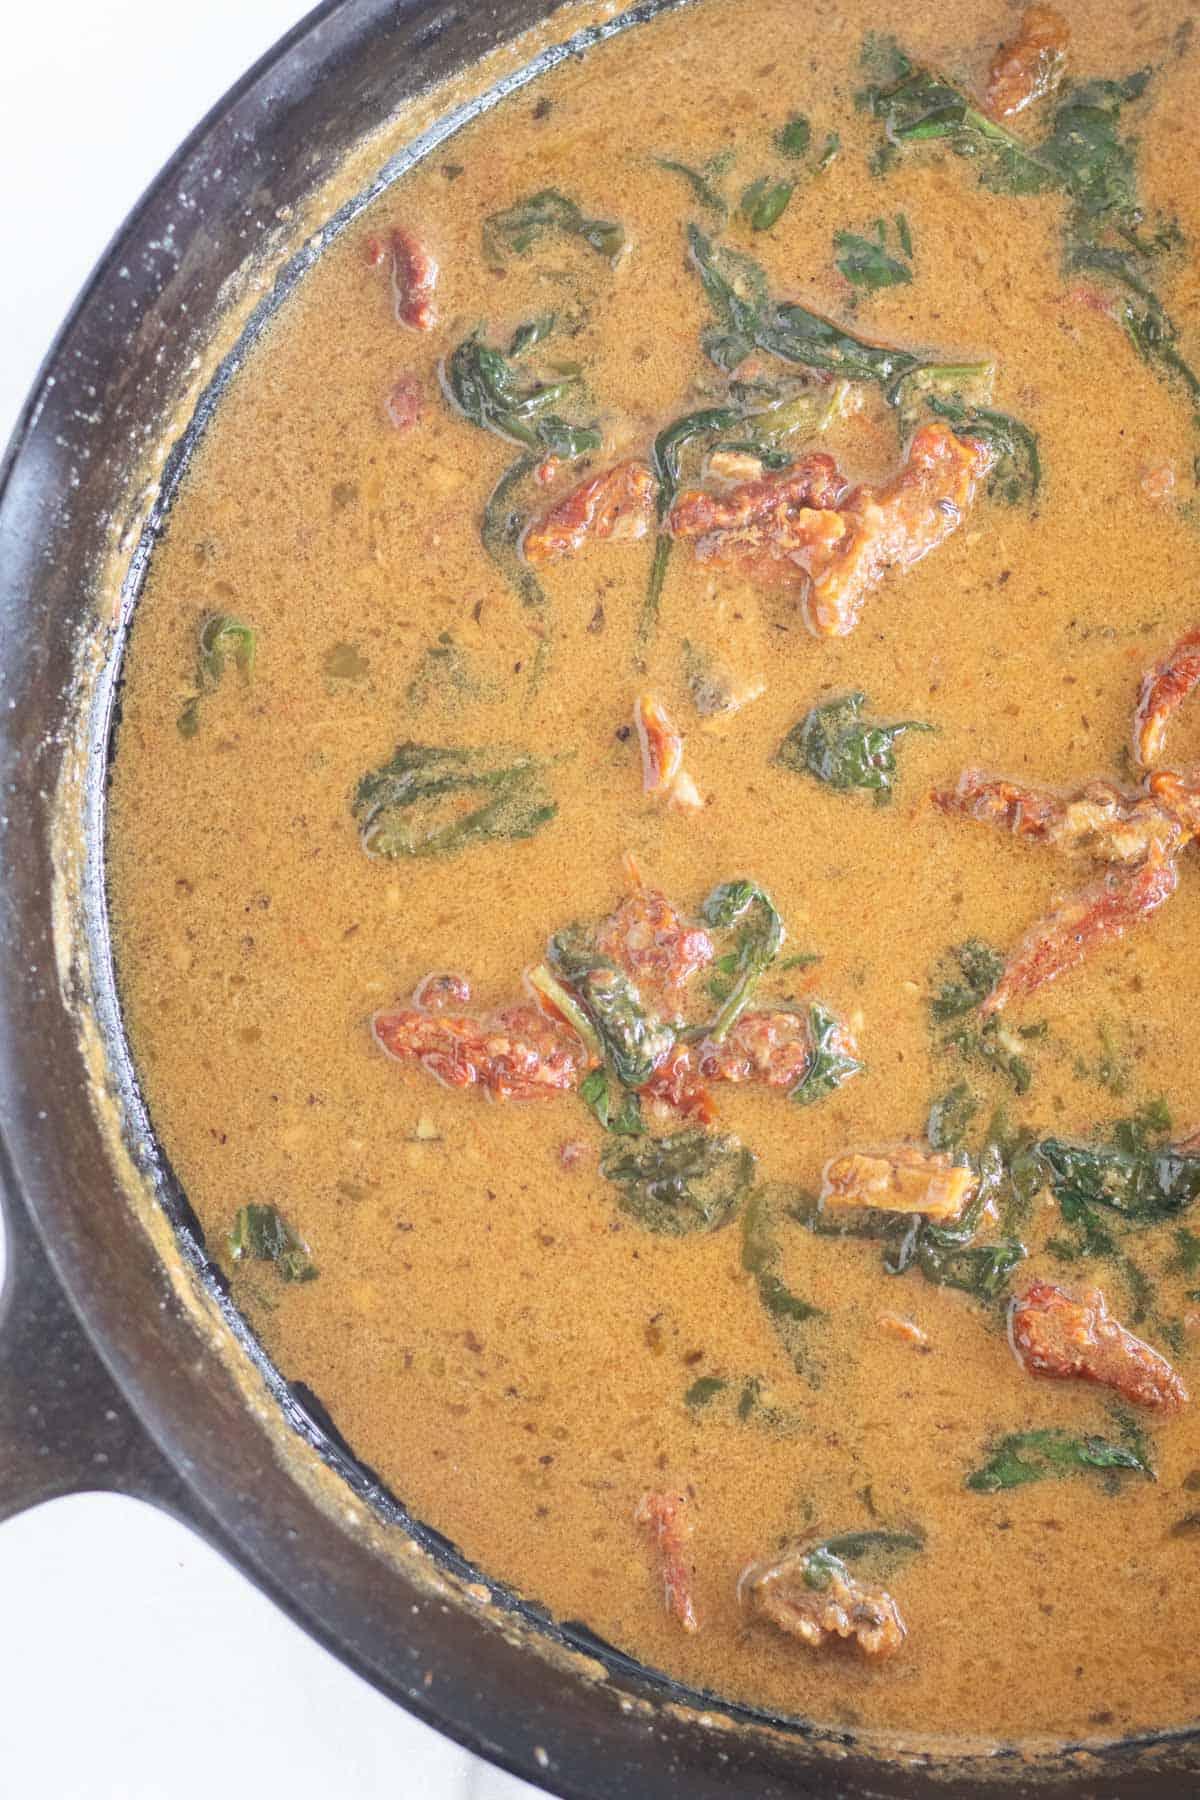 sauce in skillet